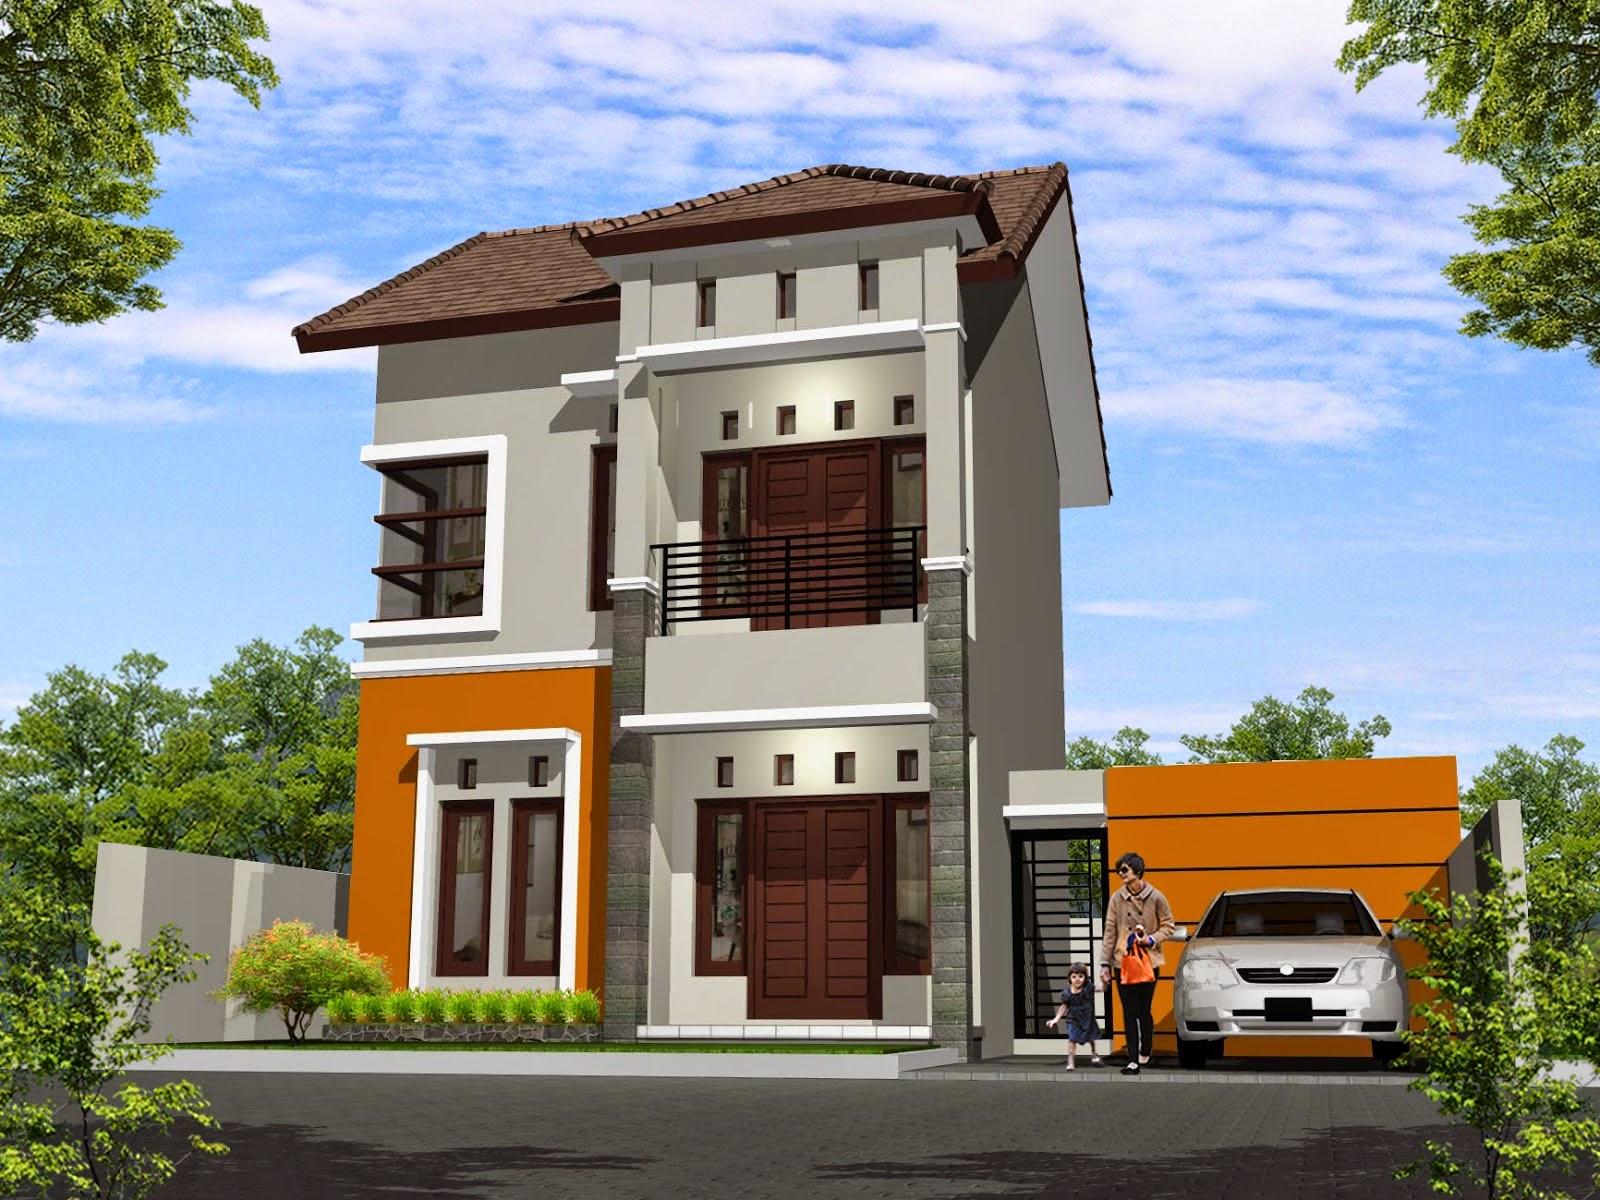 Berbagai Desain Rumah 2 Lantai Gambar Gambar Desain Rumah